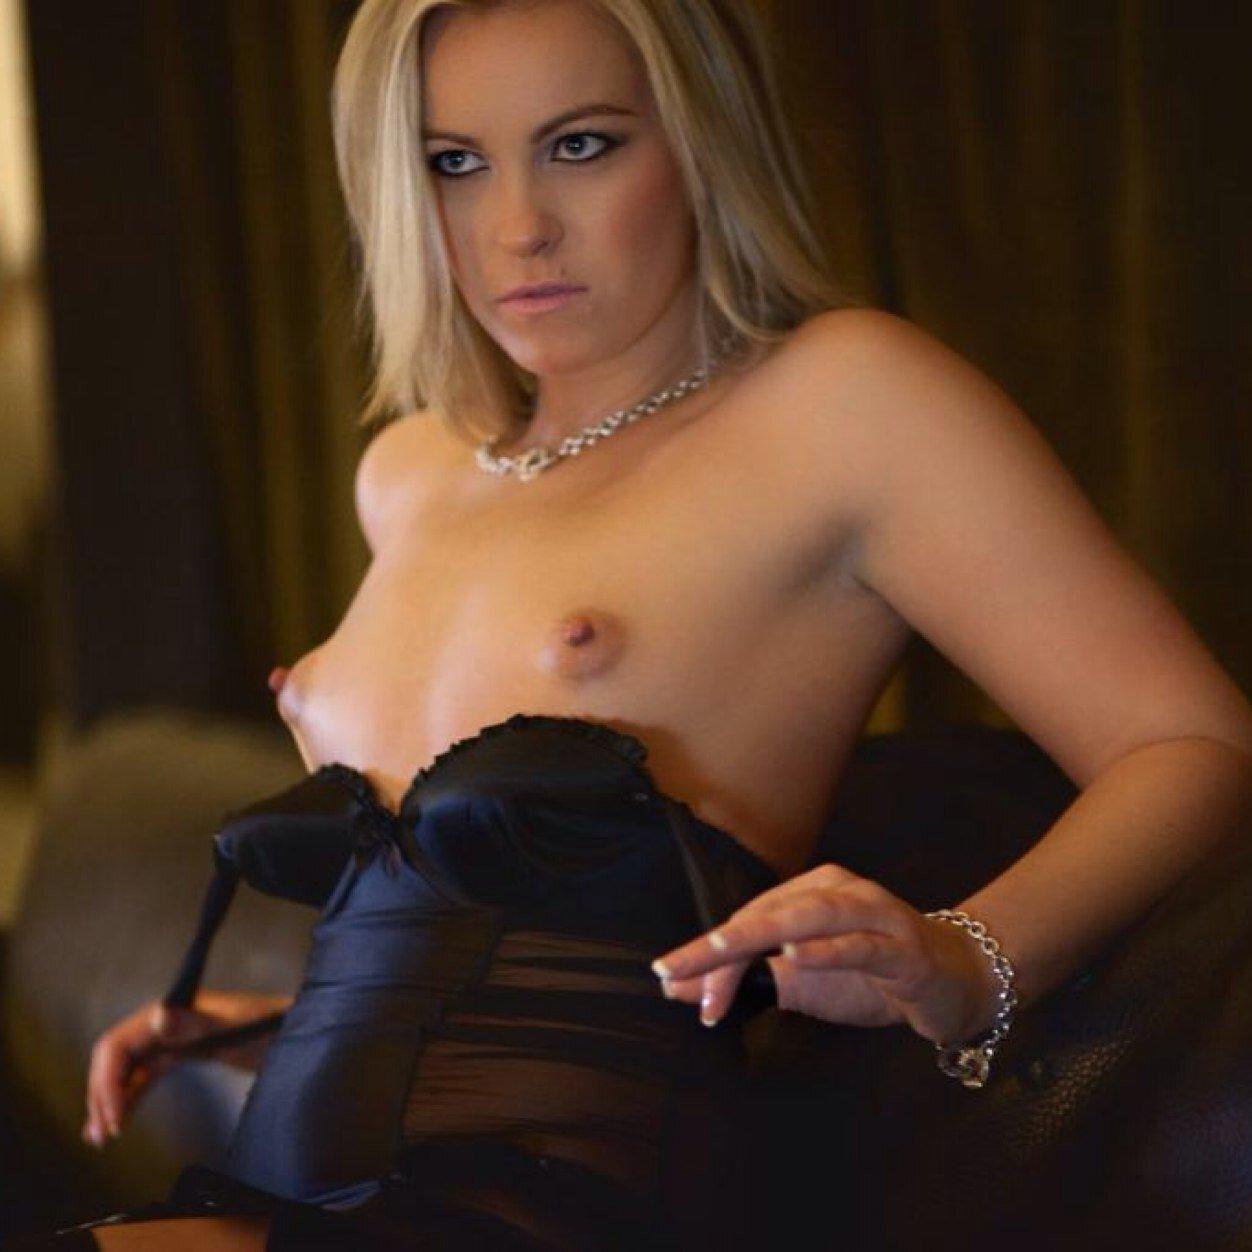 Кристал каррингтон порно видео фото 694-30